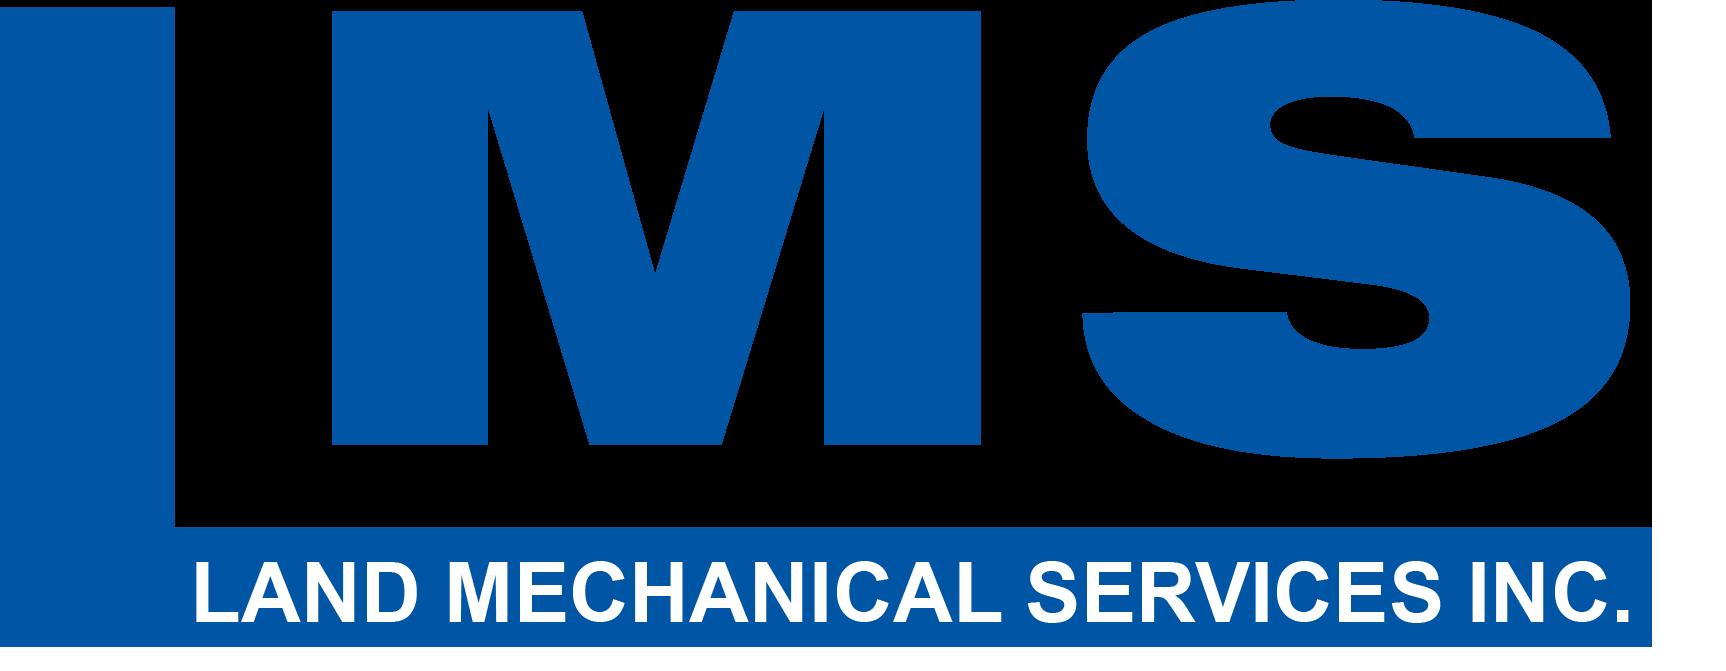 LMS Logo Blue - Copy.png